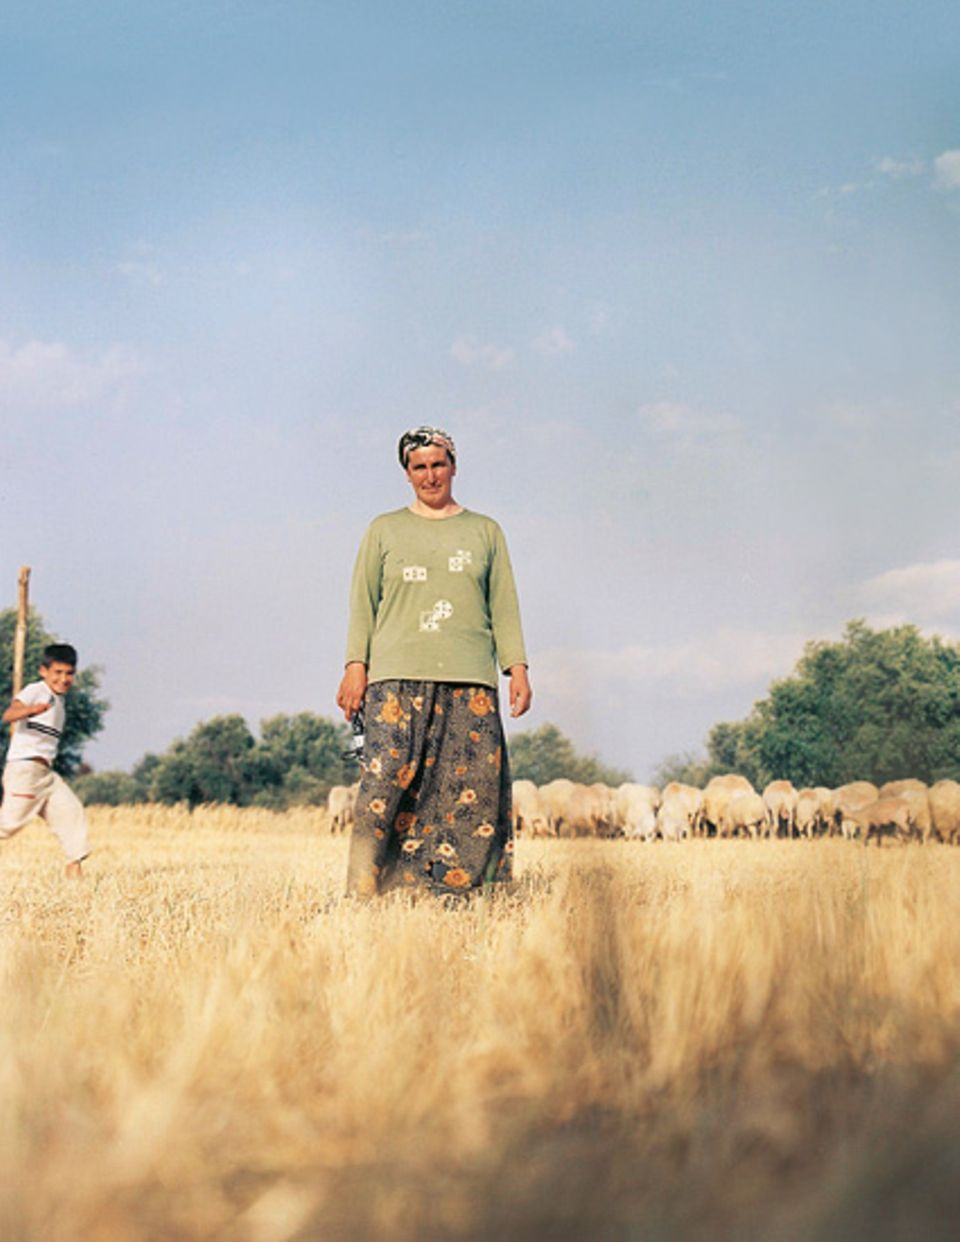 Bäuerin Ayse mit ihrem Sohn und der Schafherde im touristisch kaum erschlossenen Hinterland